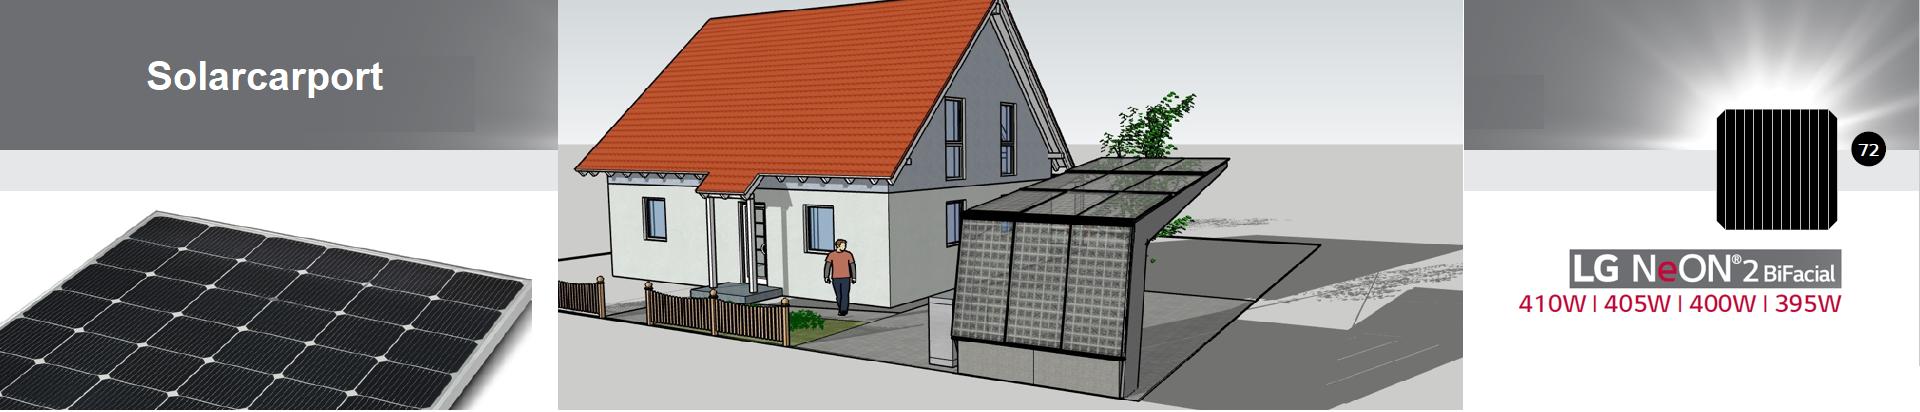 Solarcarport für privat